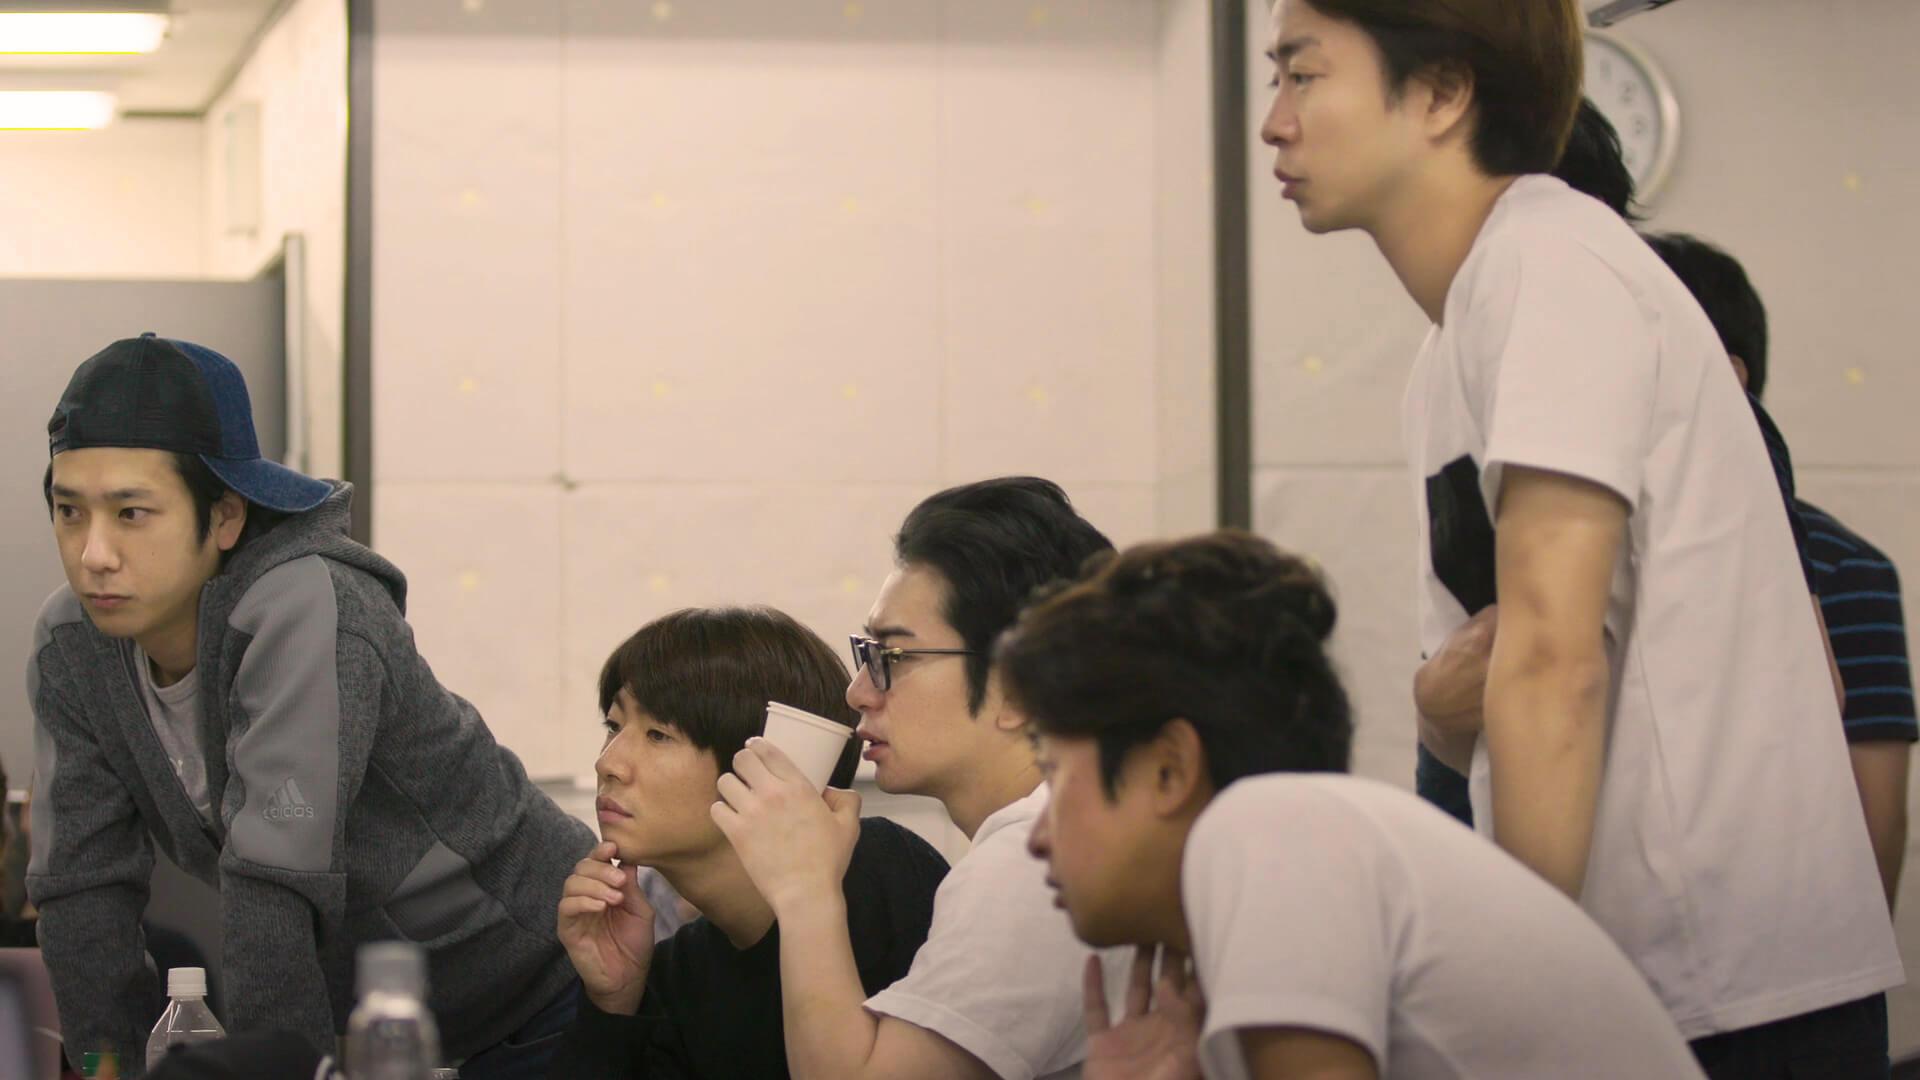 活動休止を控えた嵐の5人が心に秘めていたこととは?Netflixドキュメンタリーシリーズ『ARASHI's Diary -Voyage-』第2話の場面写真が解禁 art200124_arashi_1